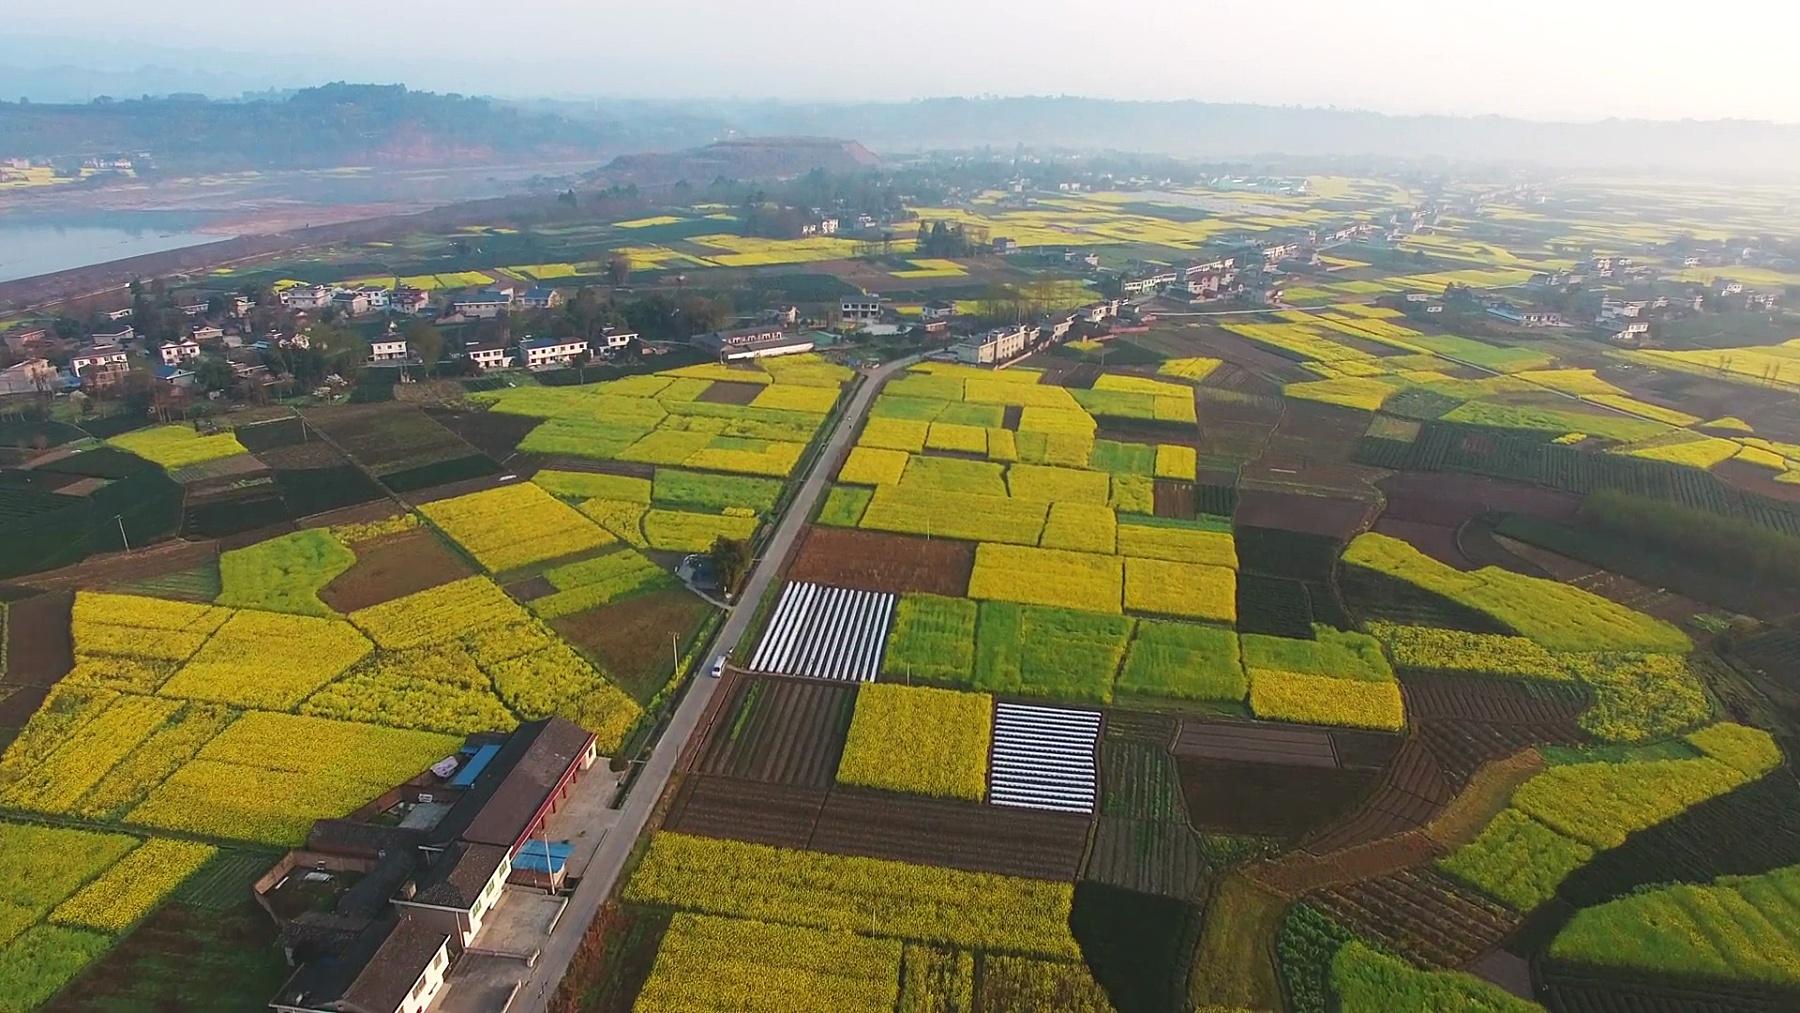 四川中国农村油菜田和村庄景观鸟瞰,